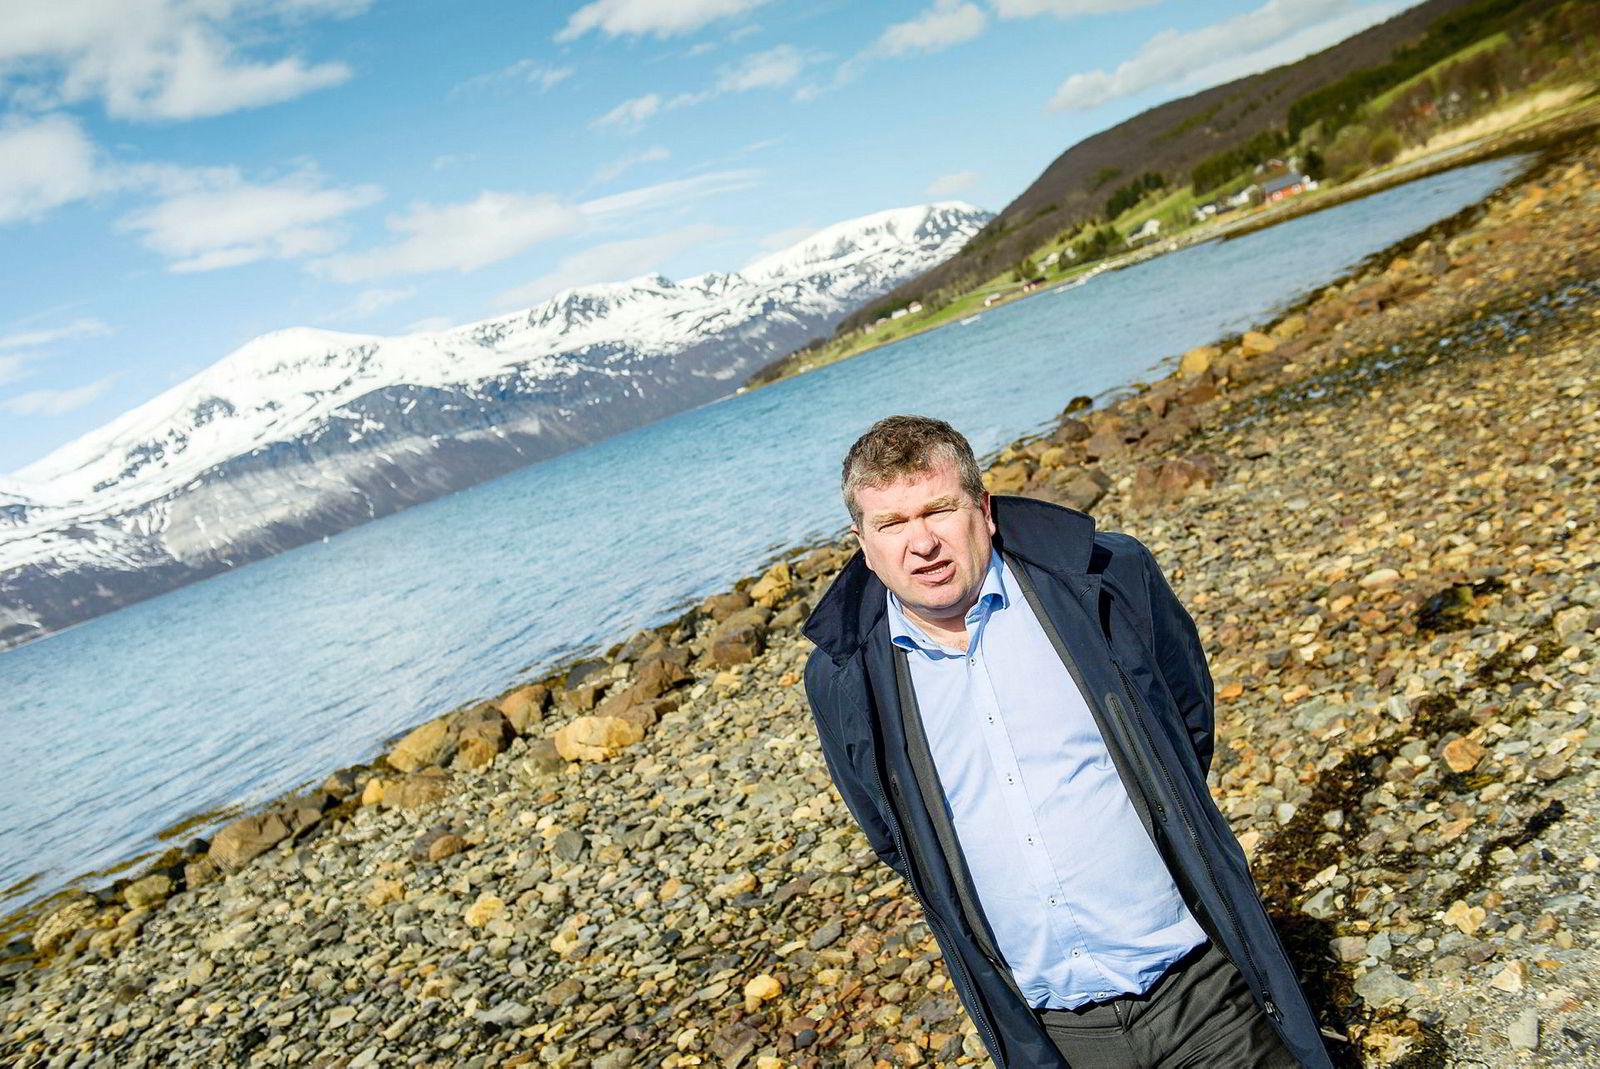 Folk som bygger fritidsbolig i Lyngen, får finansiering via Airbnb-utleie, sier ordfører Dan Håvard Johnsen i Lyngen kommune i Troms.